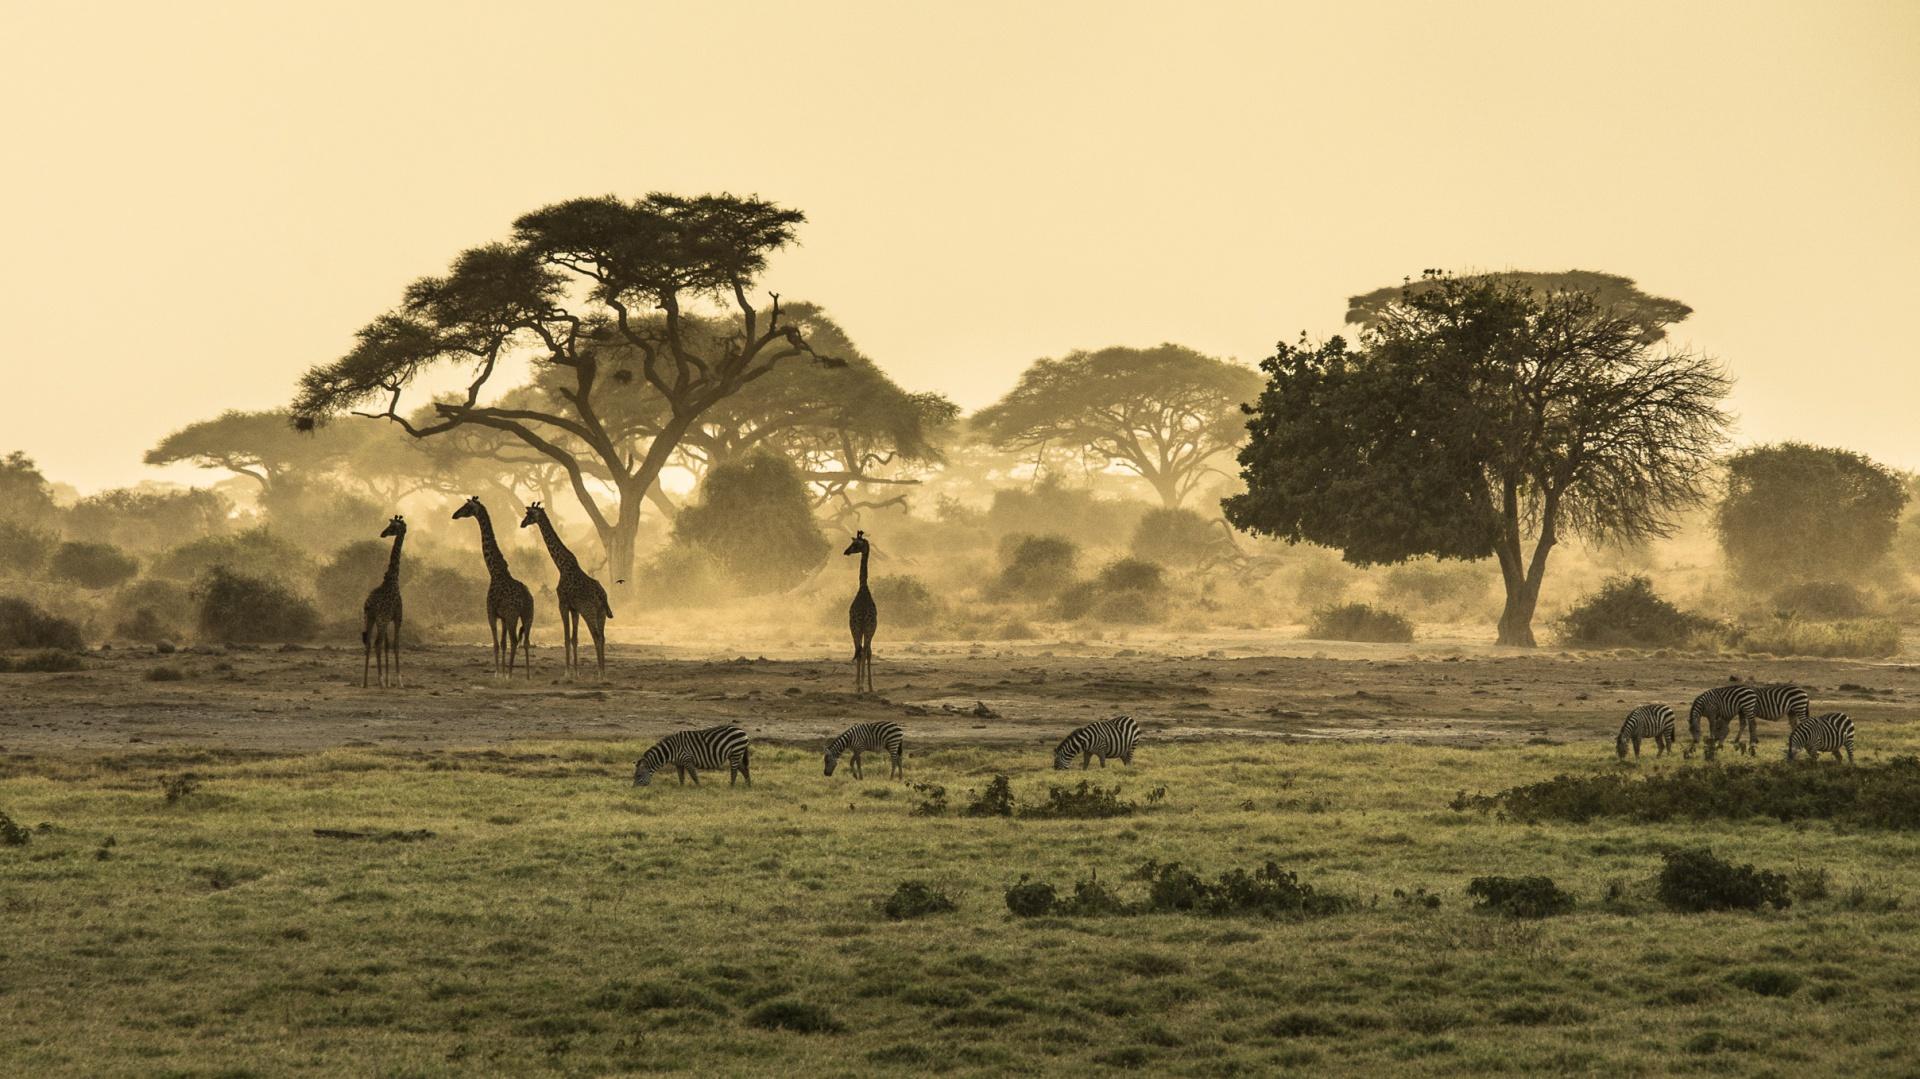 Fototapeta z motywem SAWANNA O ŚWICIE pozwoli na co dzień obcować z egzotyczną naturą Afryki. 273 zł (204x135 cm). Fot. Pixers